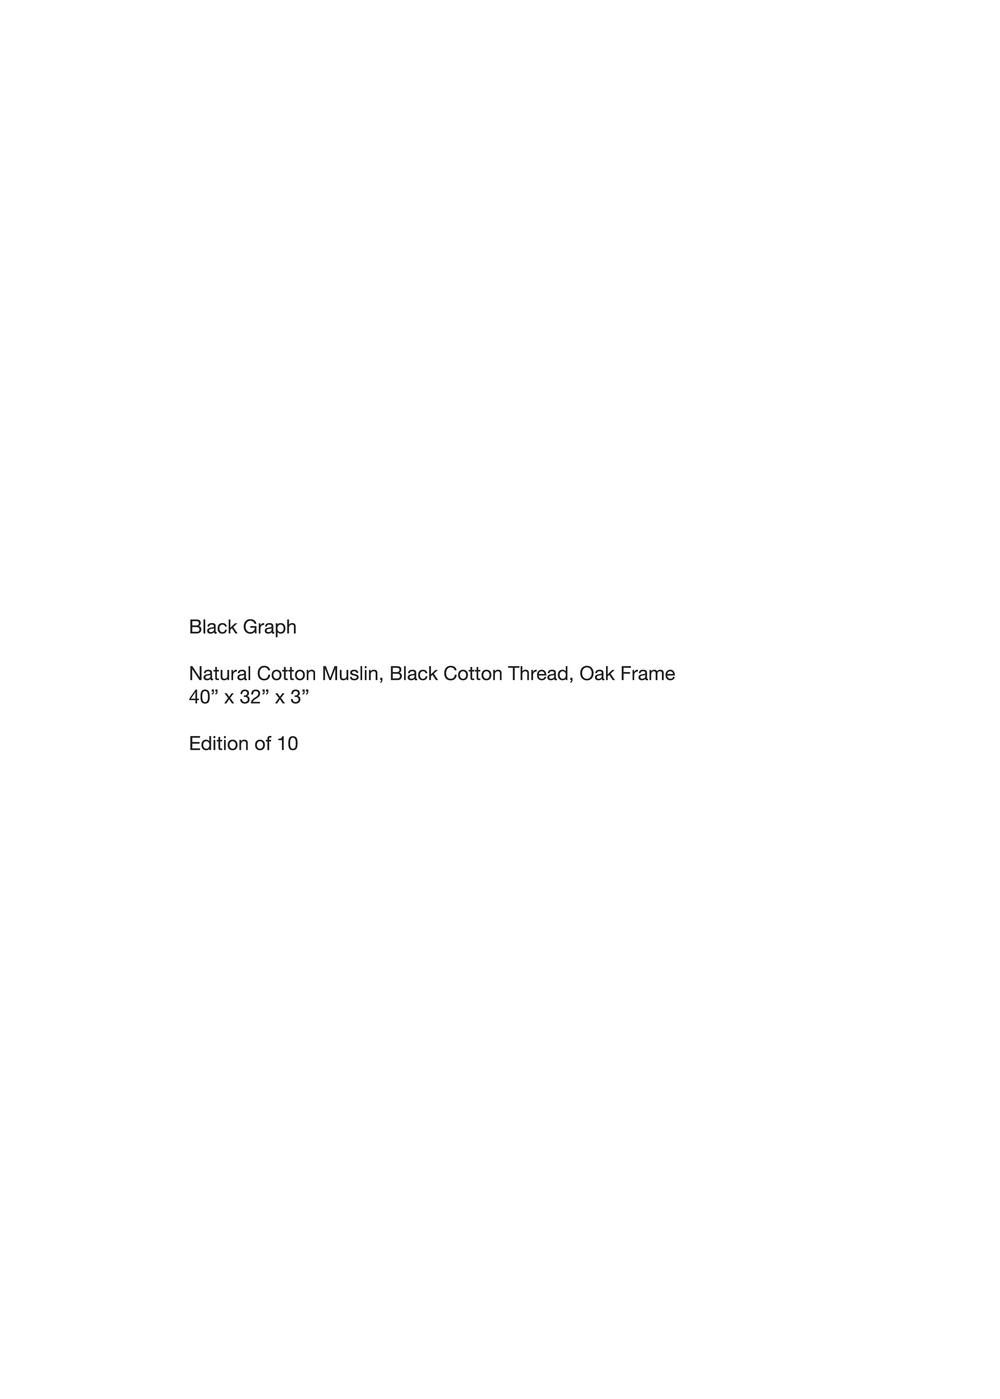 Nicole Patel Black Graph Text-01.png